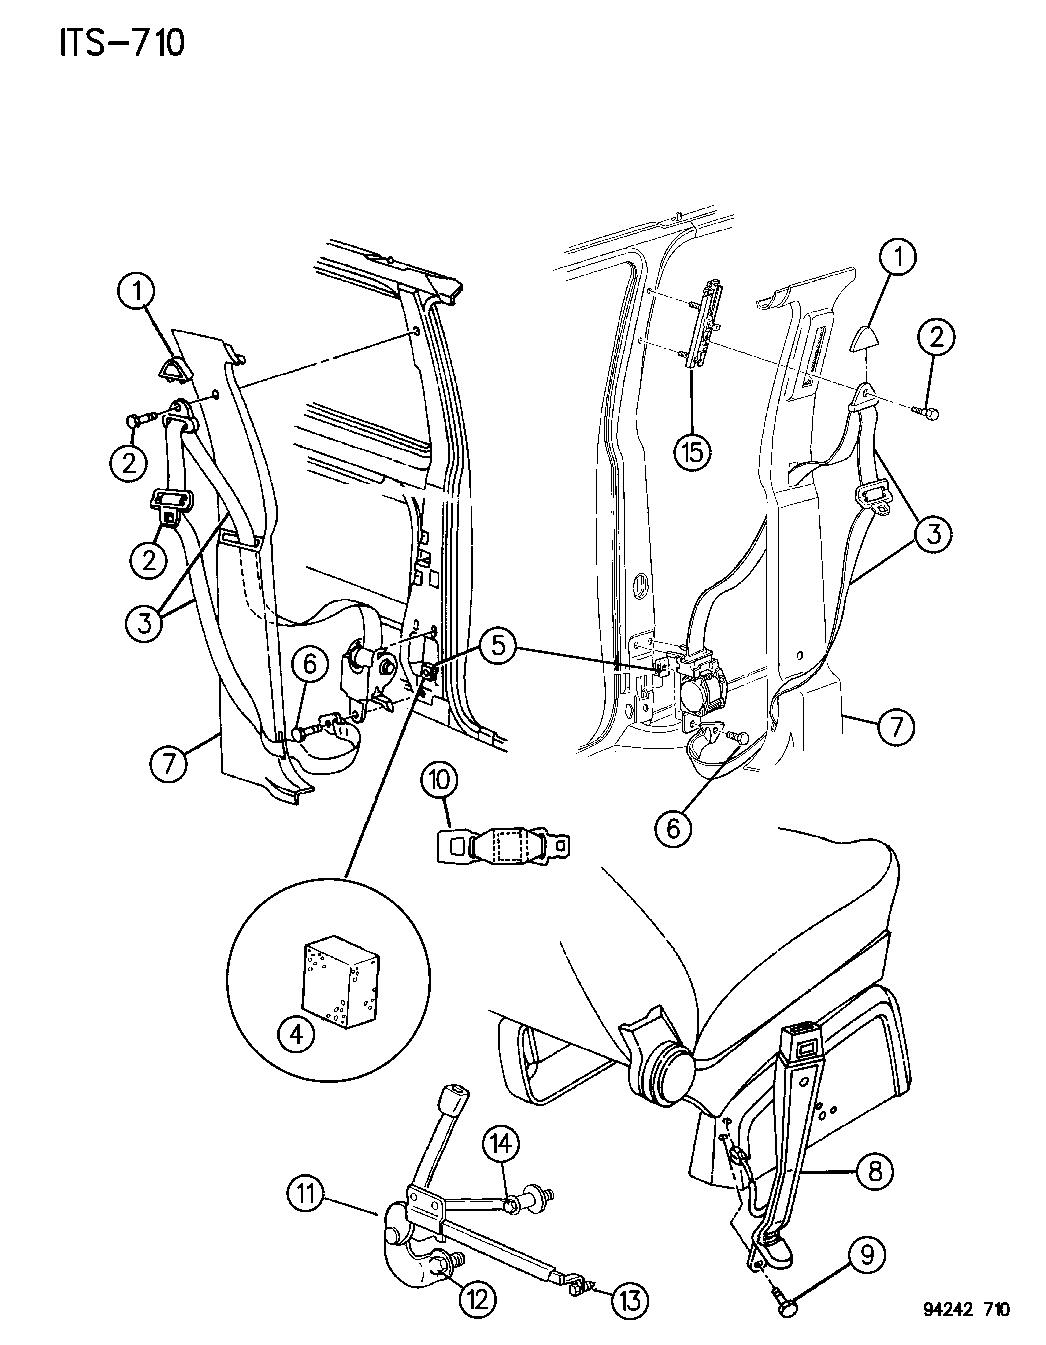 hs67md5